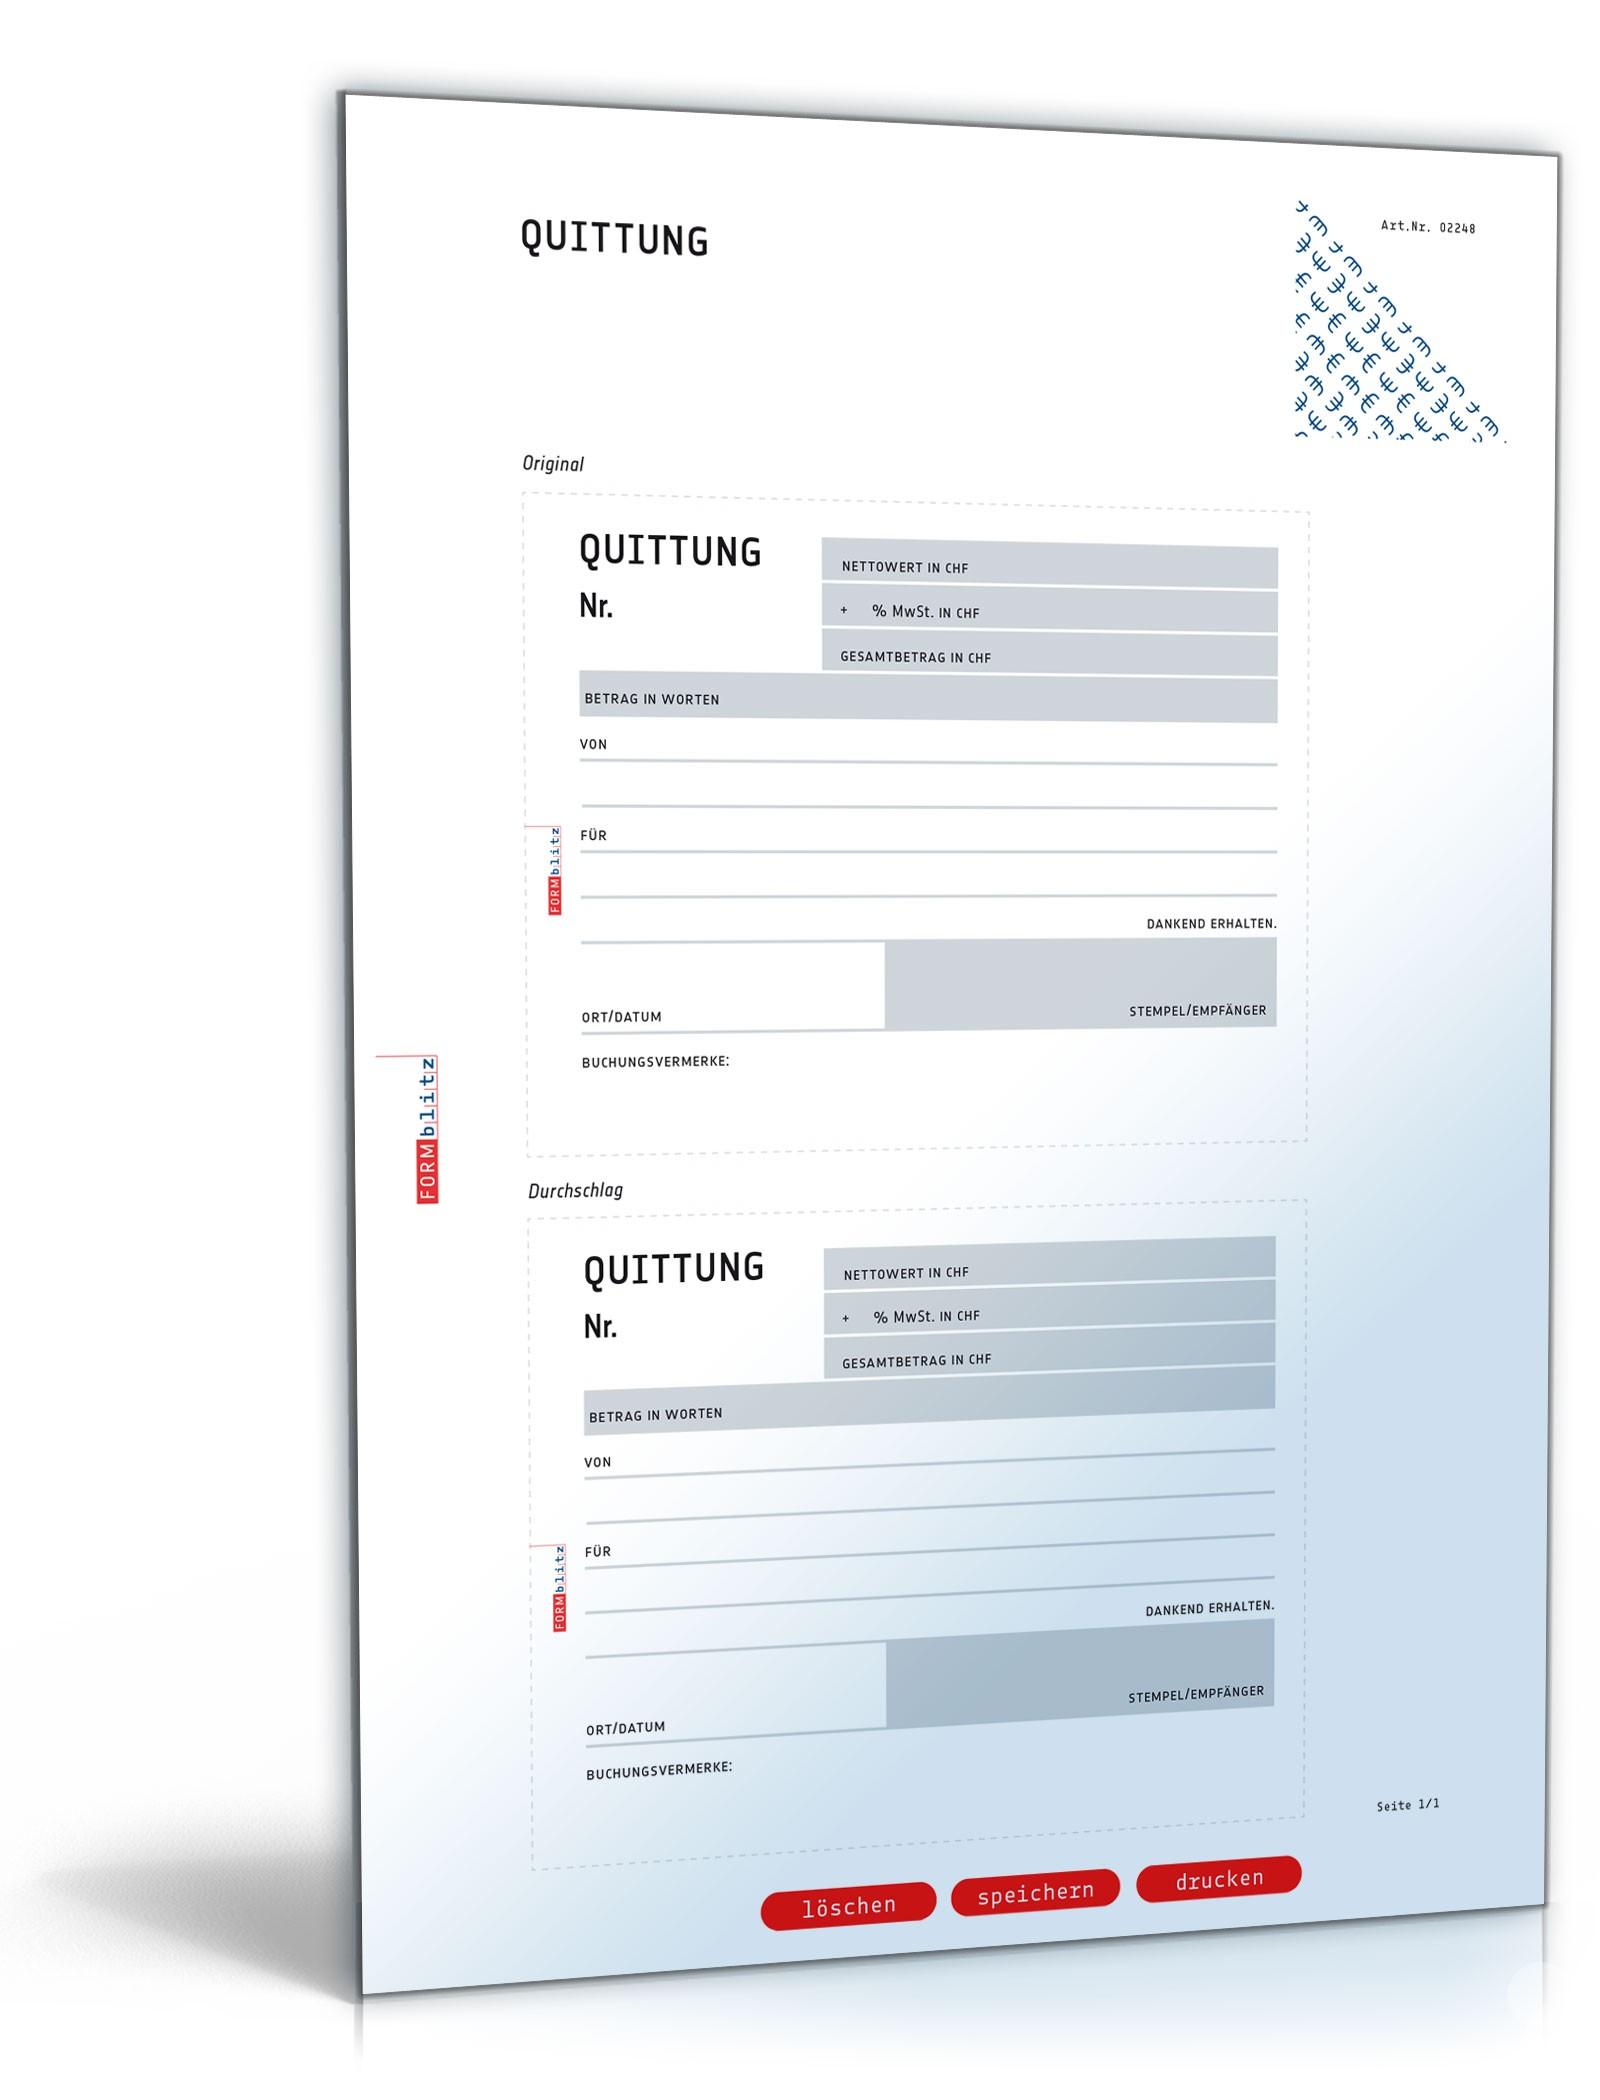 Quittung zum Selbsteintrag - Muster-Vorlage zum Download